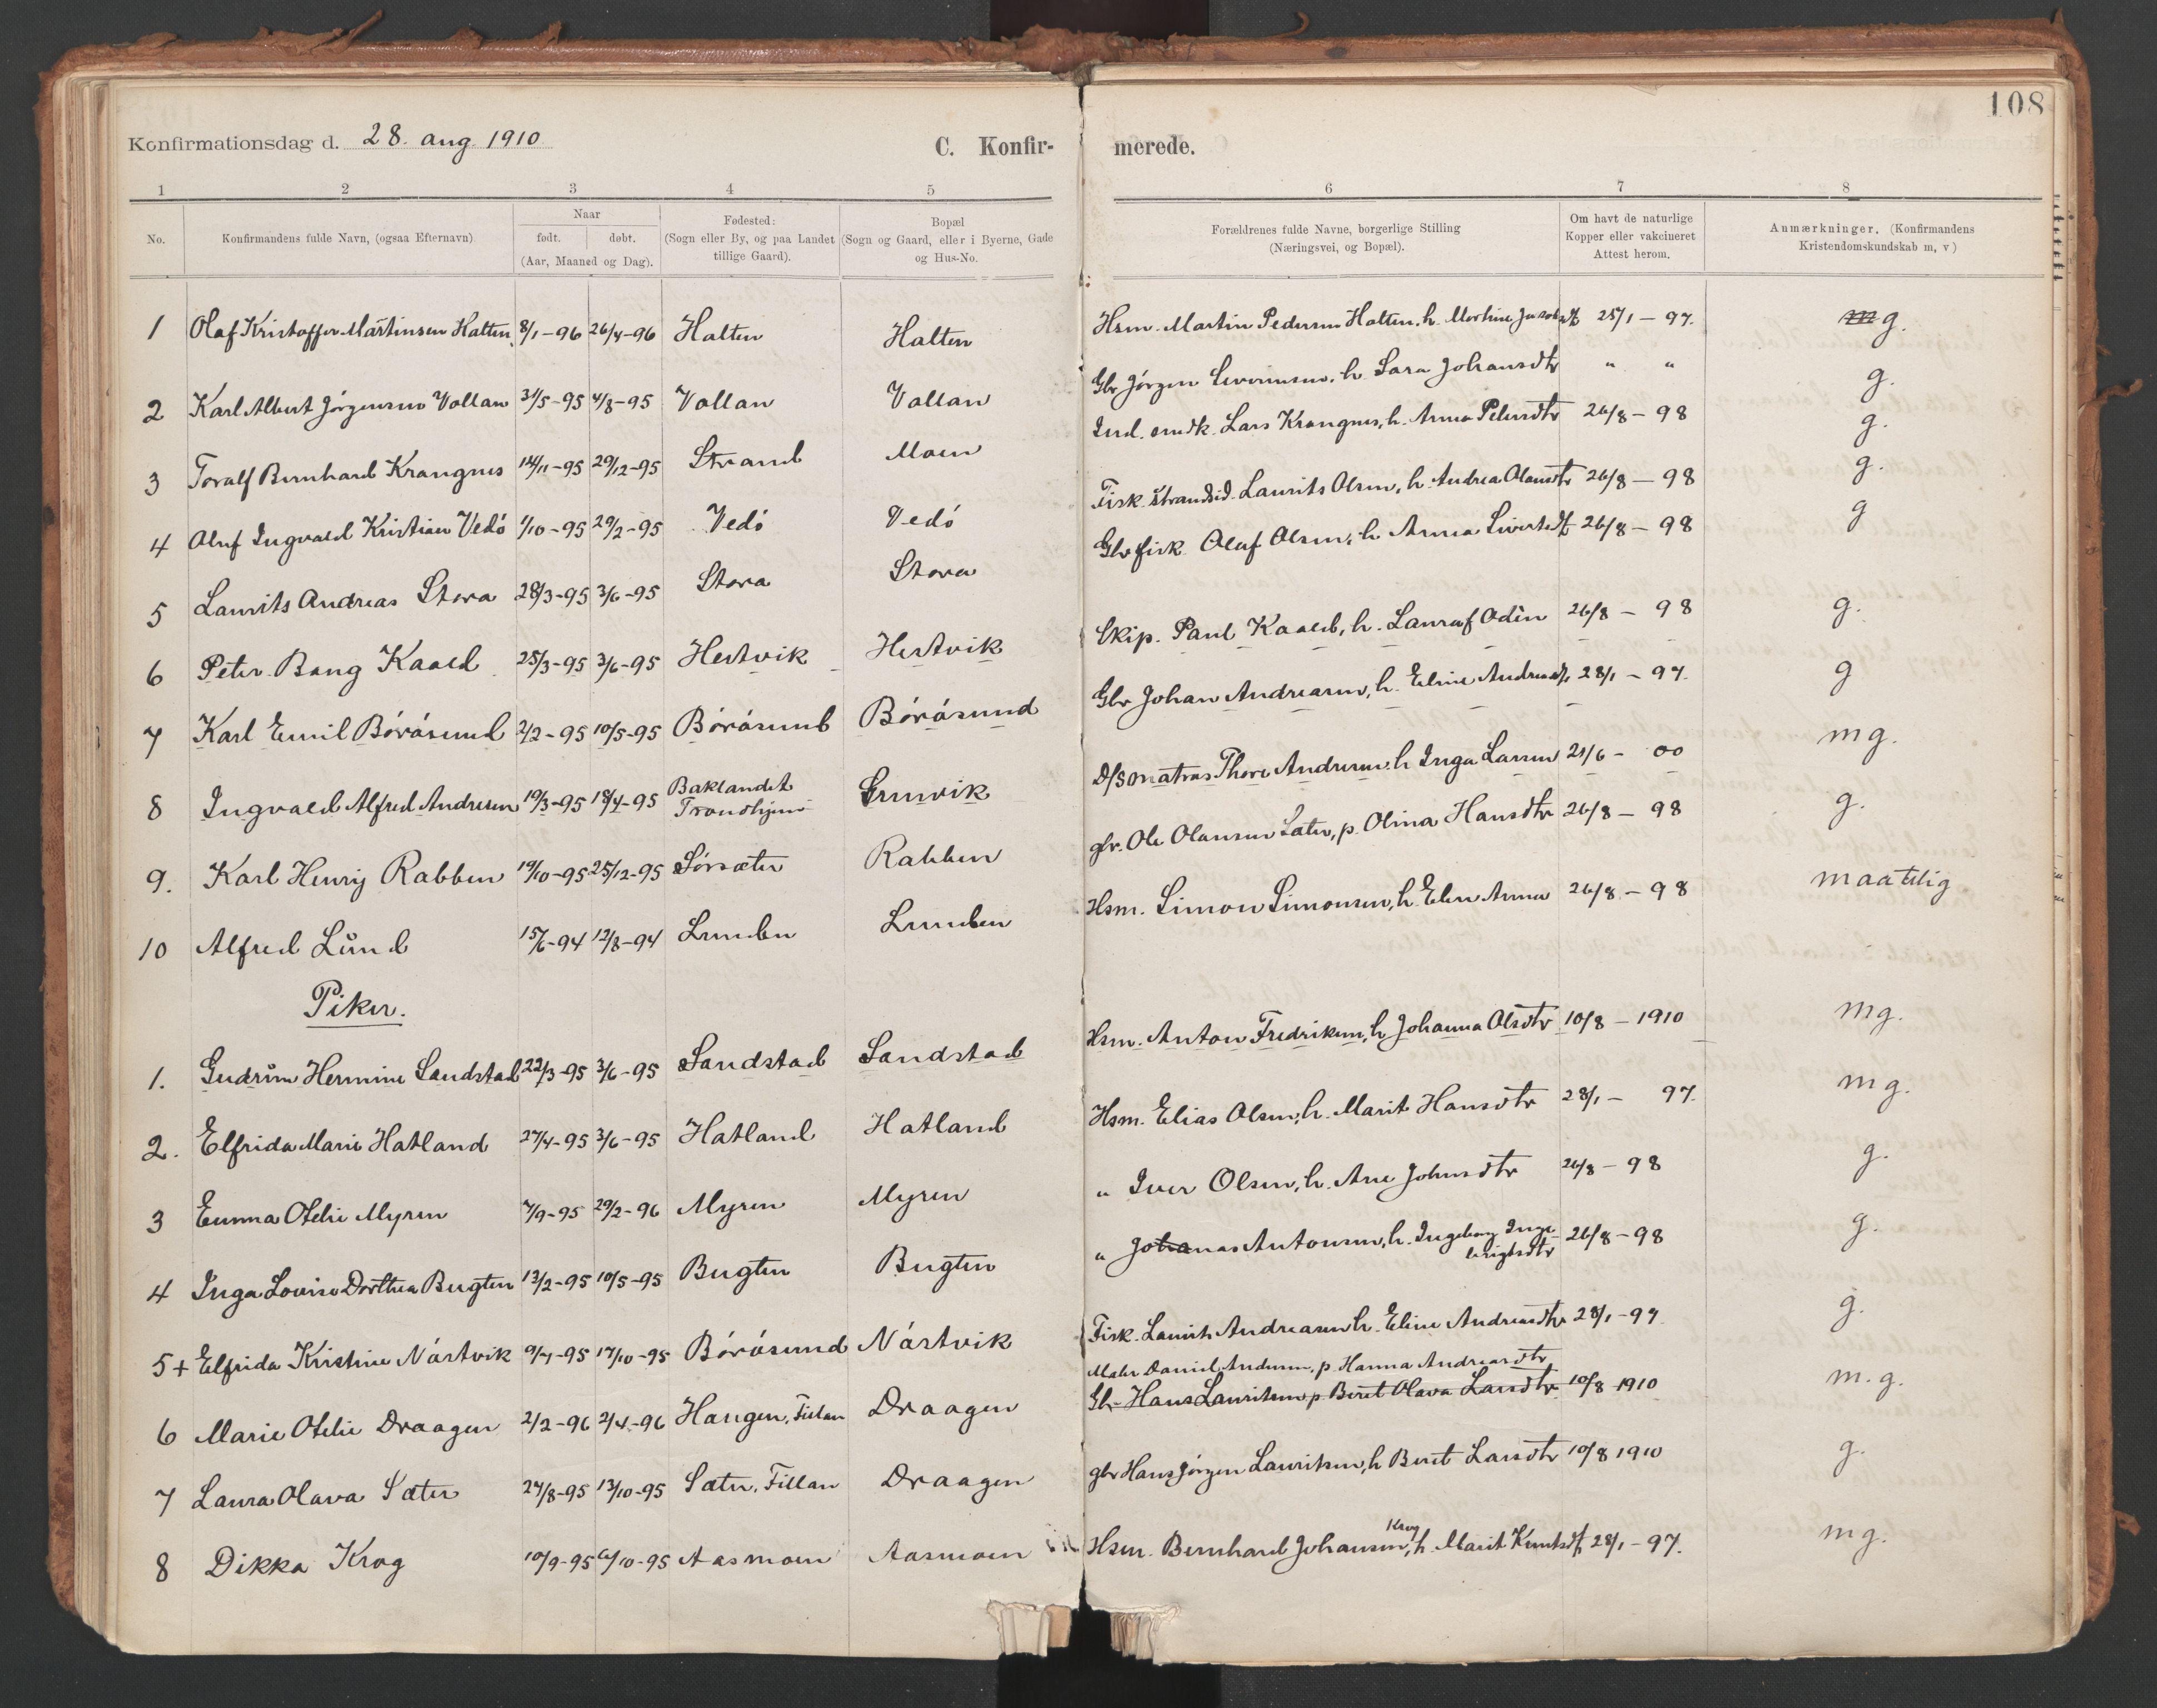 SAT, Ministerialprotokoller, klokkerbøker og fødselsregistre - Sør-Trøndelag, 639/L0572: Ministerialbok nr. 639A01, 1890-1920, s. 108